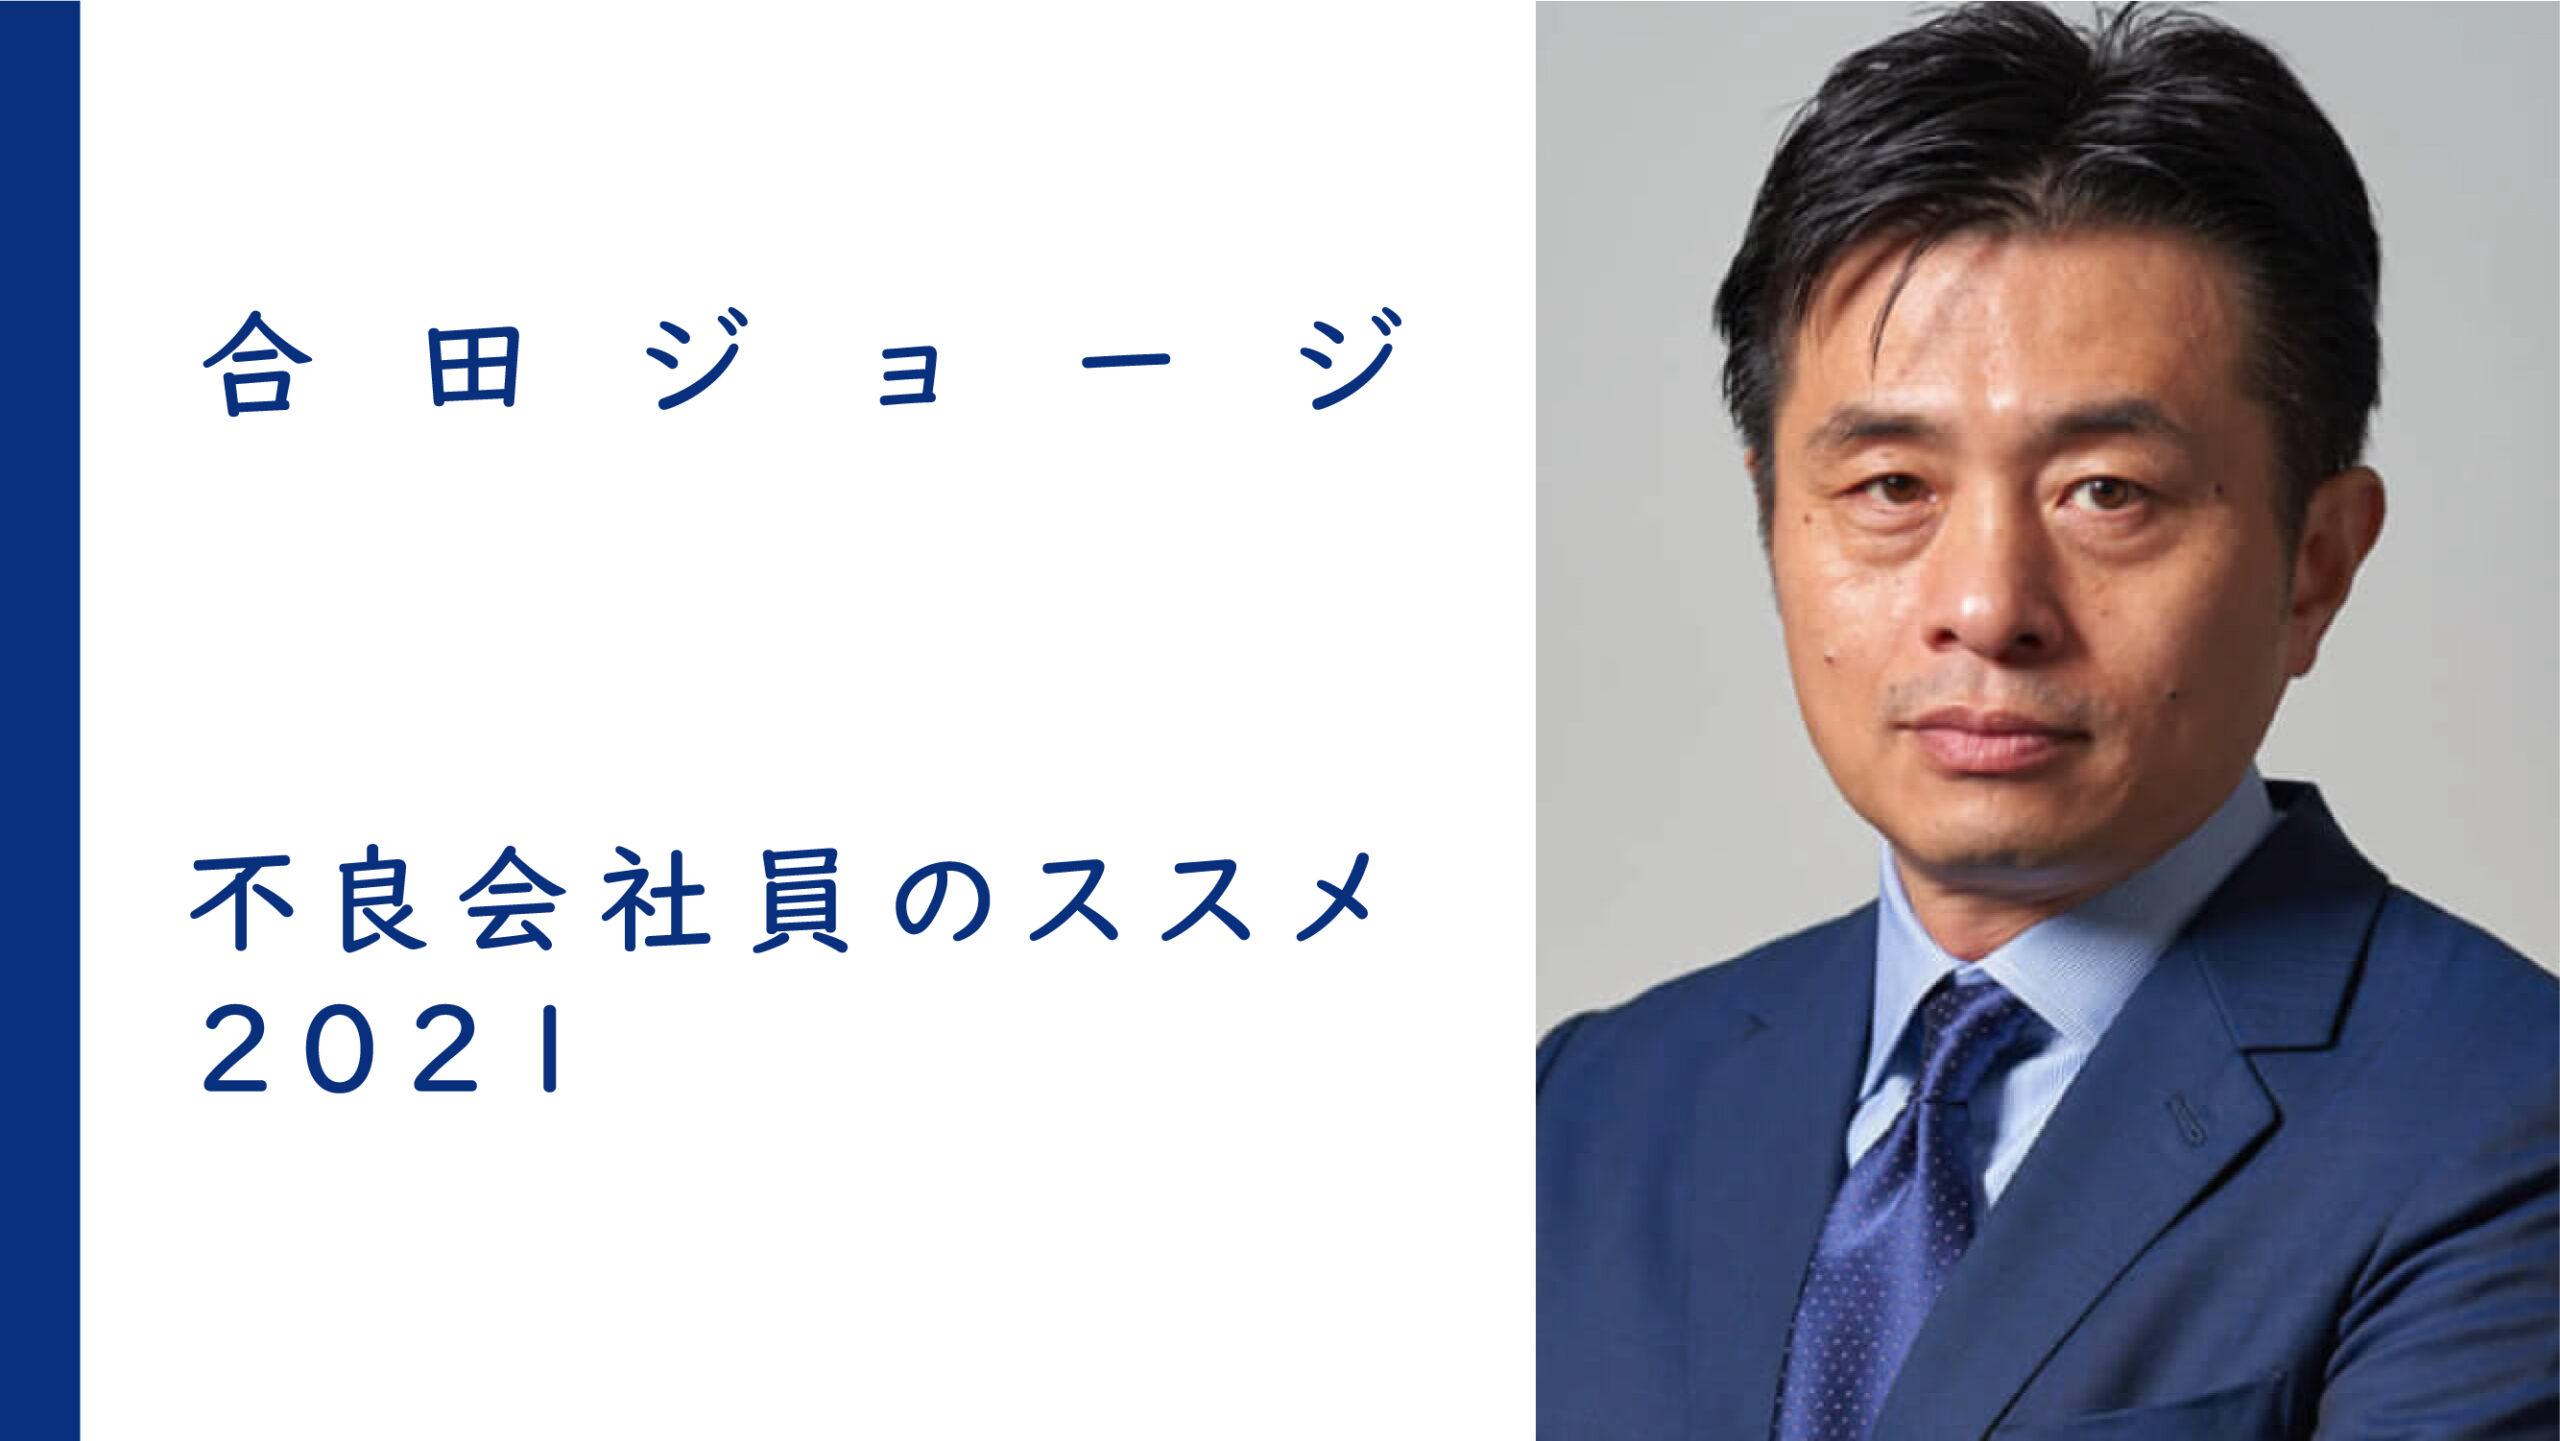 不良会社員のススメ2021|合田ジョージ<br><br>